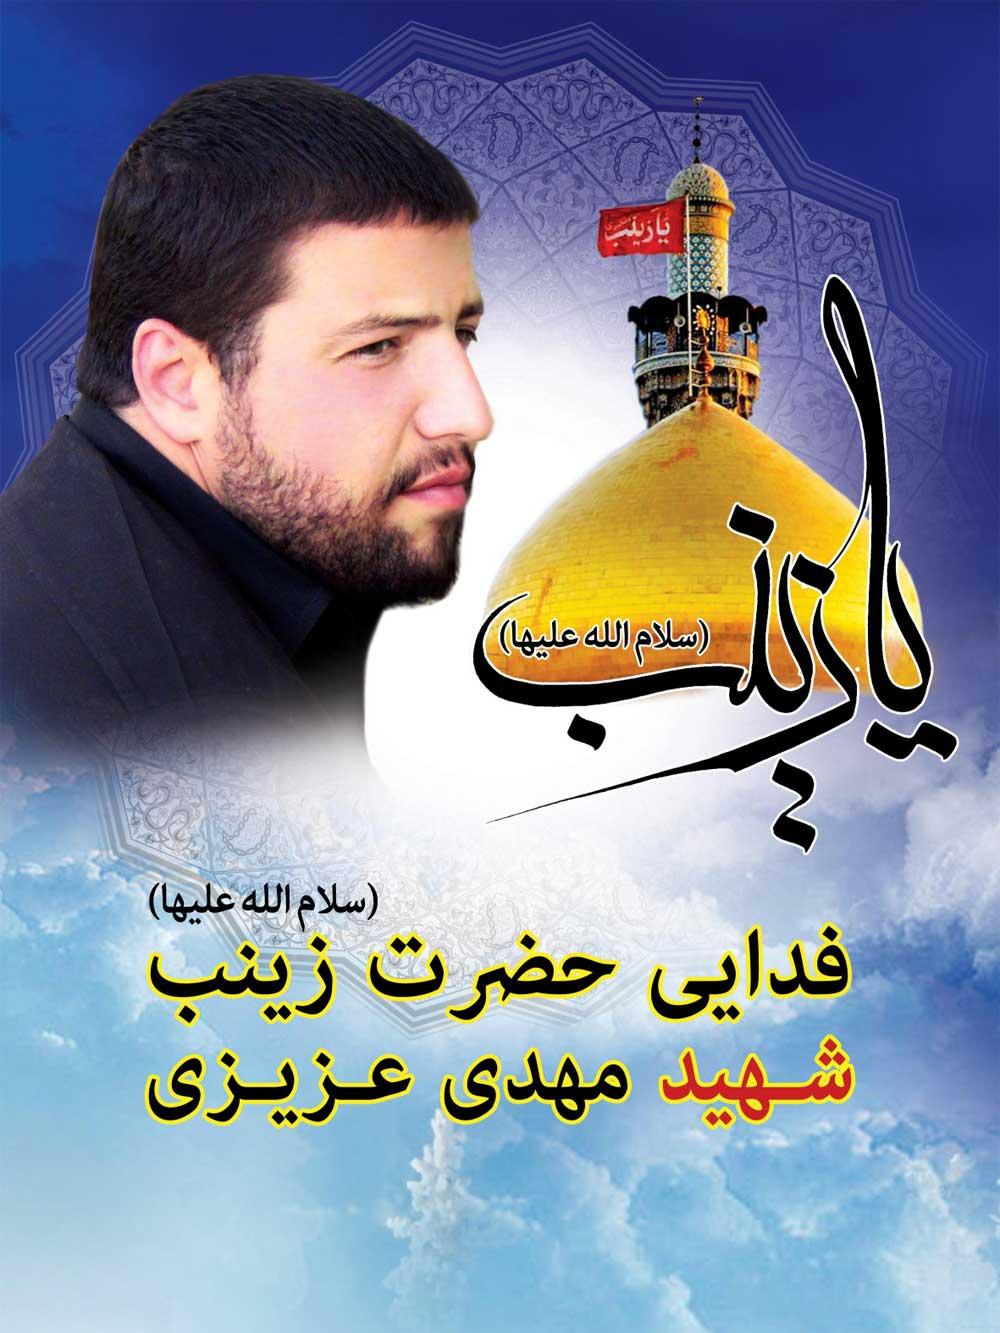 مهدی عزیزی+شهید+مدافع+حرم